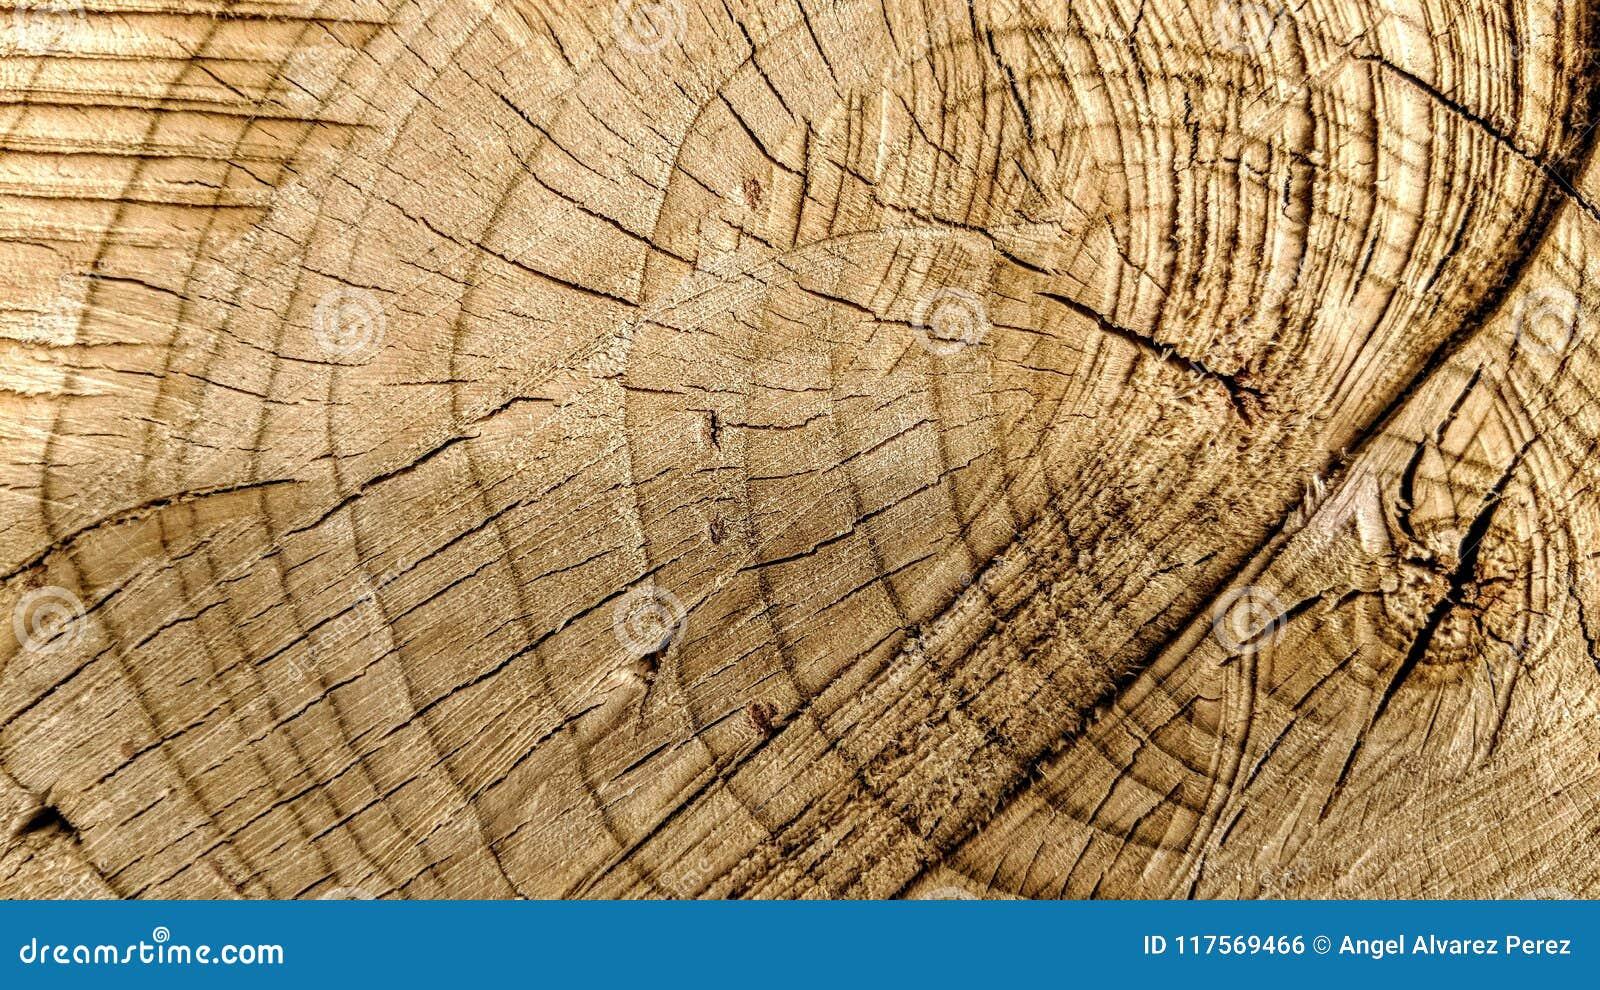 Rastros de cortes en un tronco